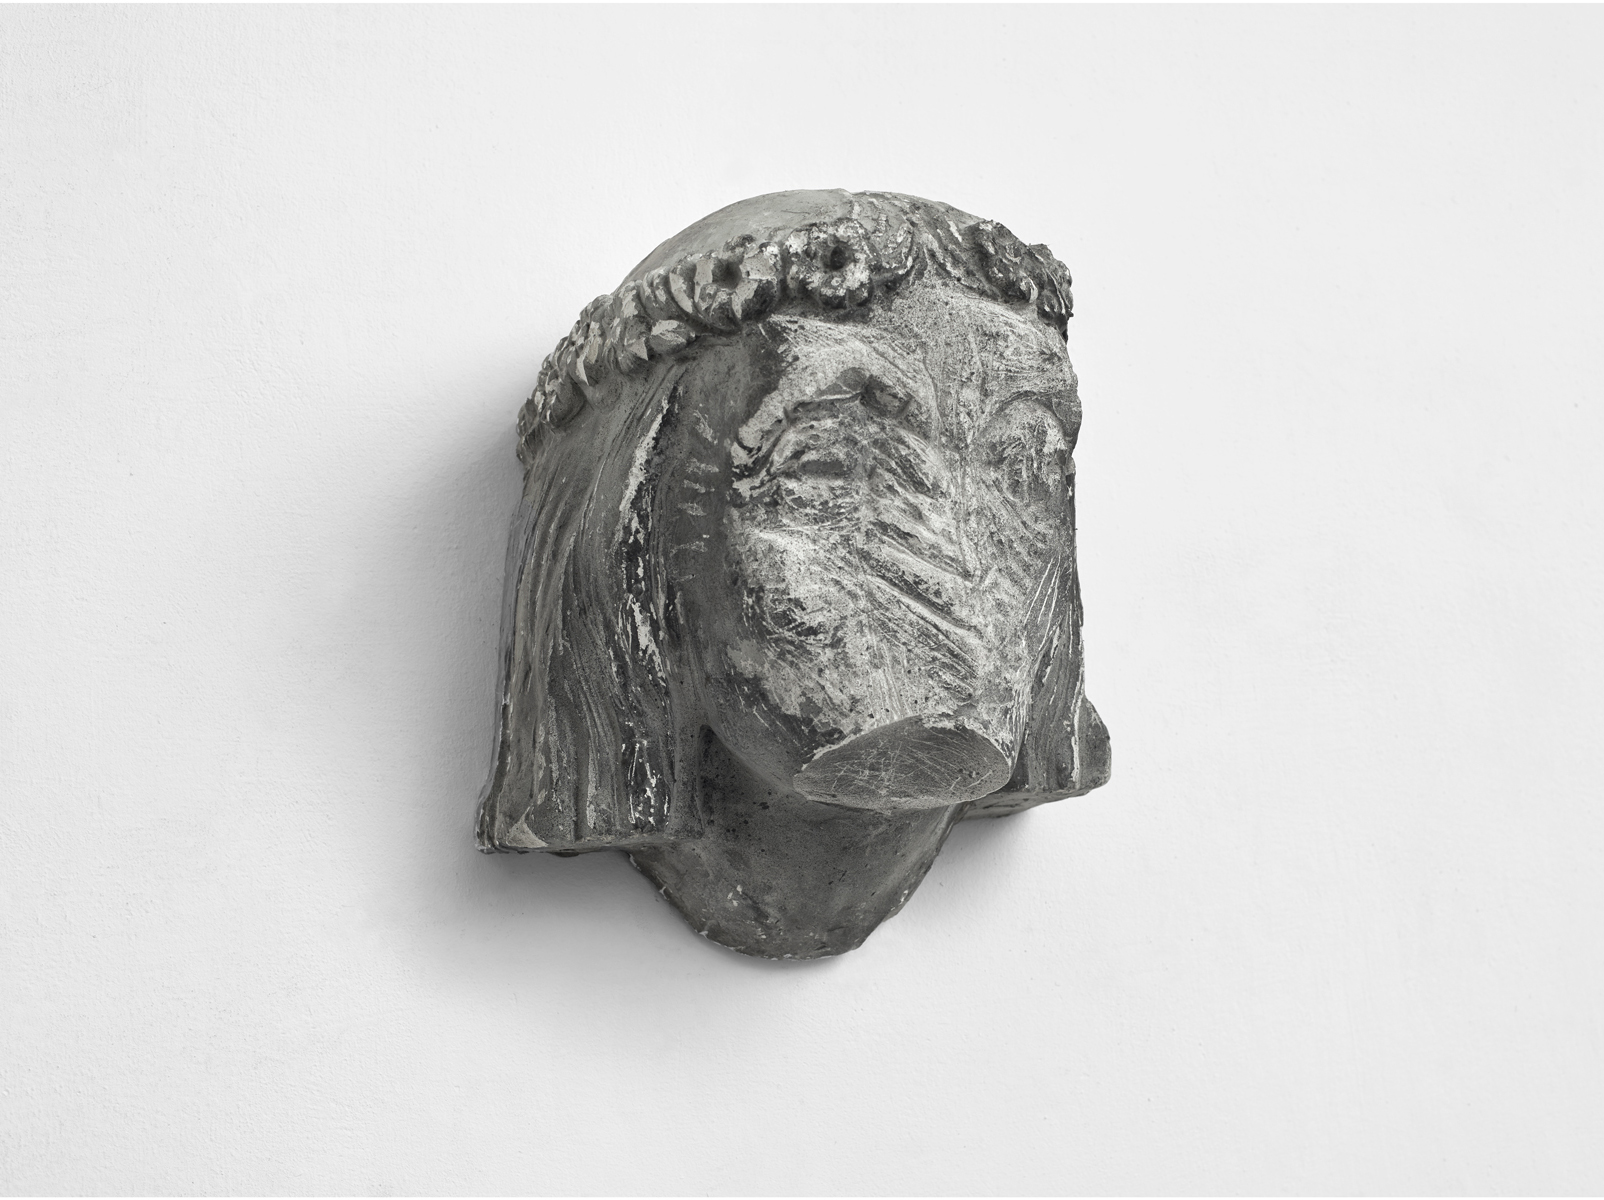 ACTUS PURUS / Godess / 2016 / 36 x 40 x 30 cm / plaster